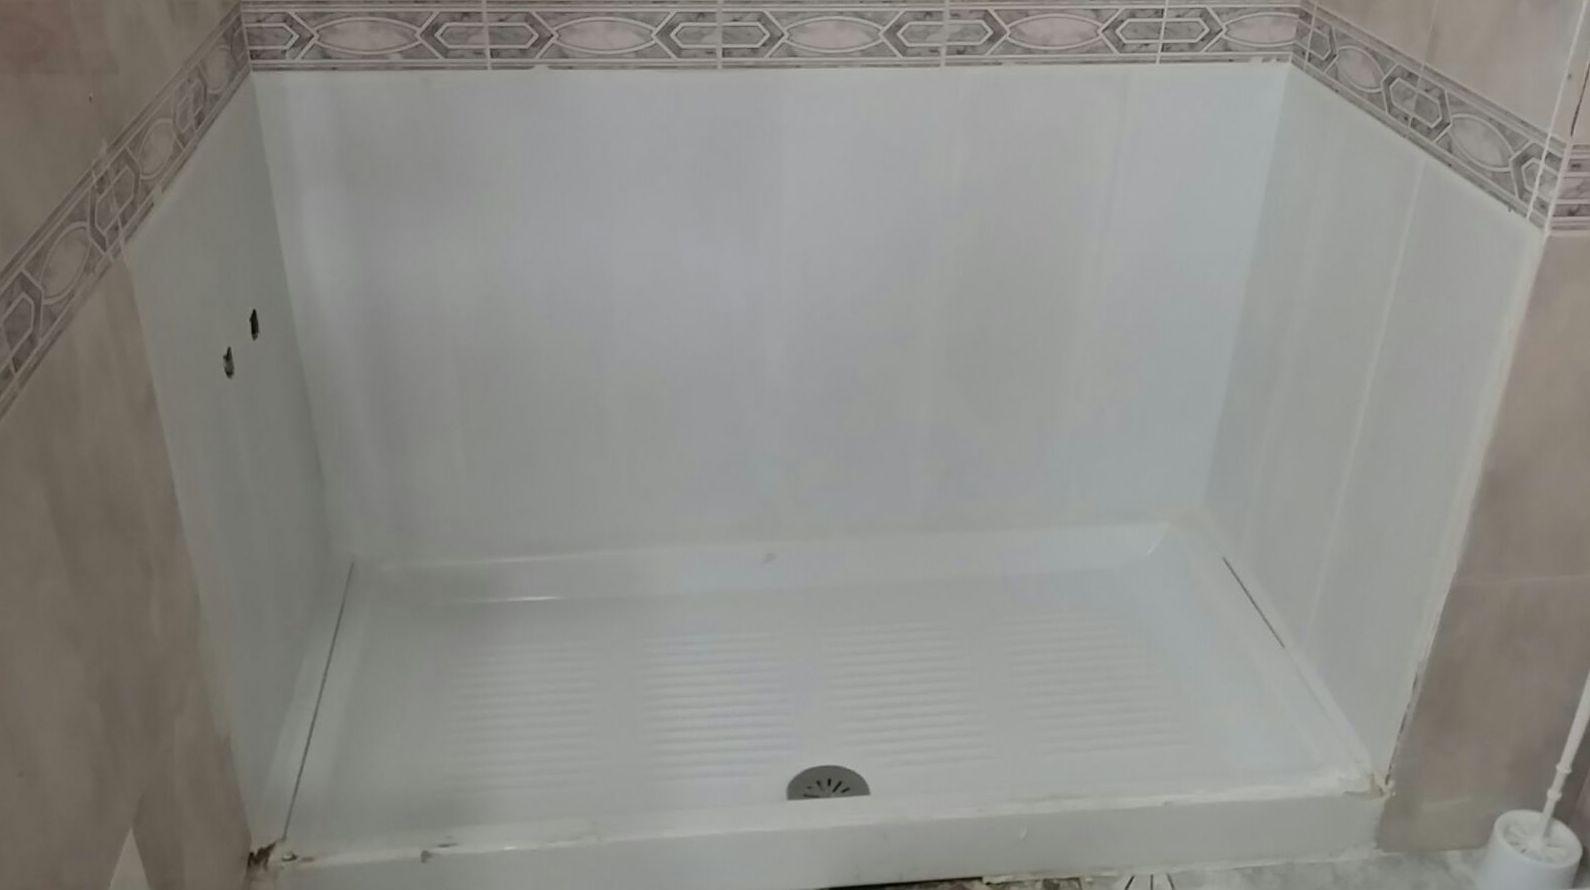 Cambio de bañera a plato de ducha Mallorca http://www.multiservicioscosesdecasa.es/es/